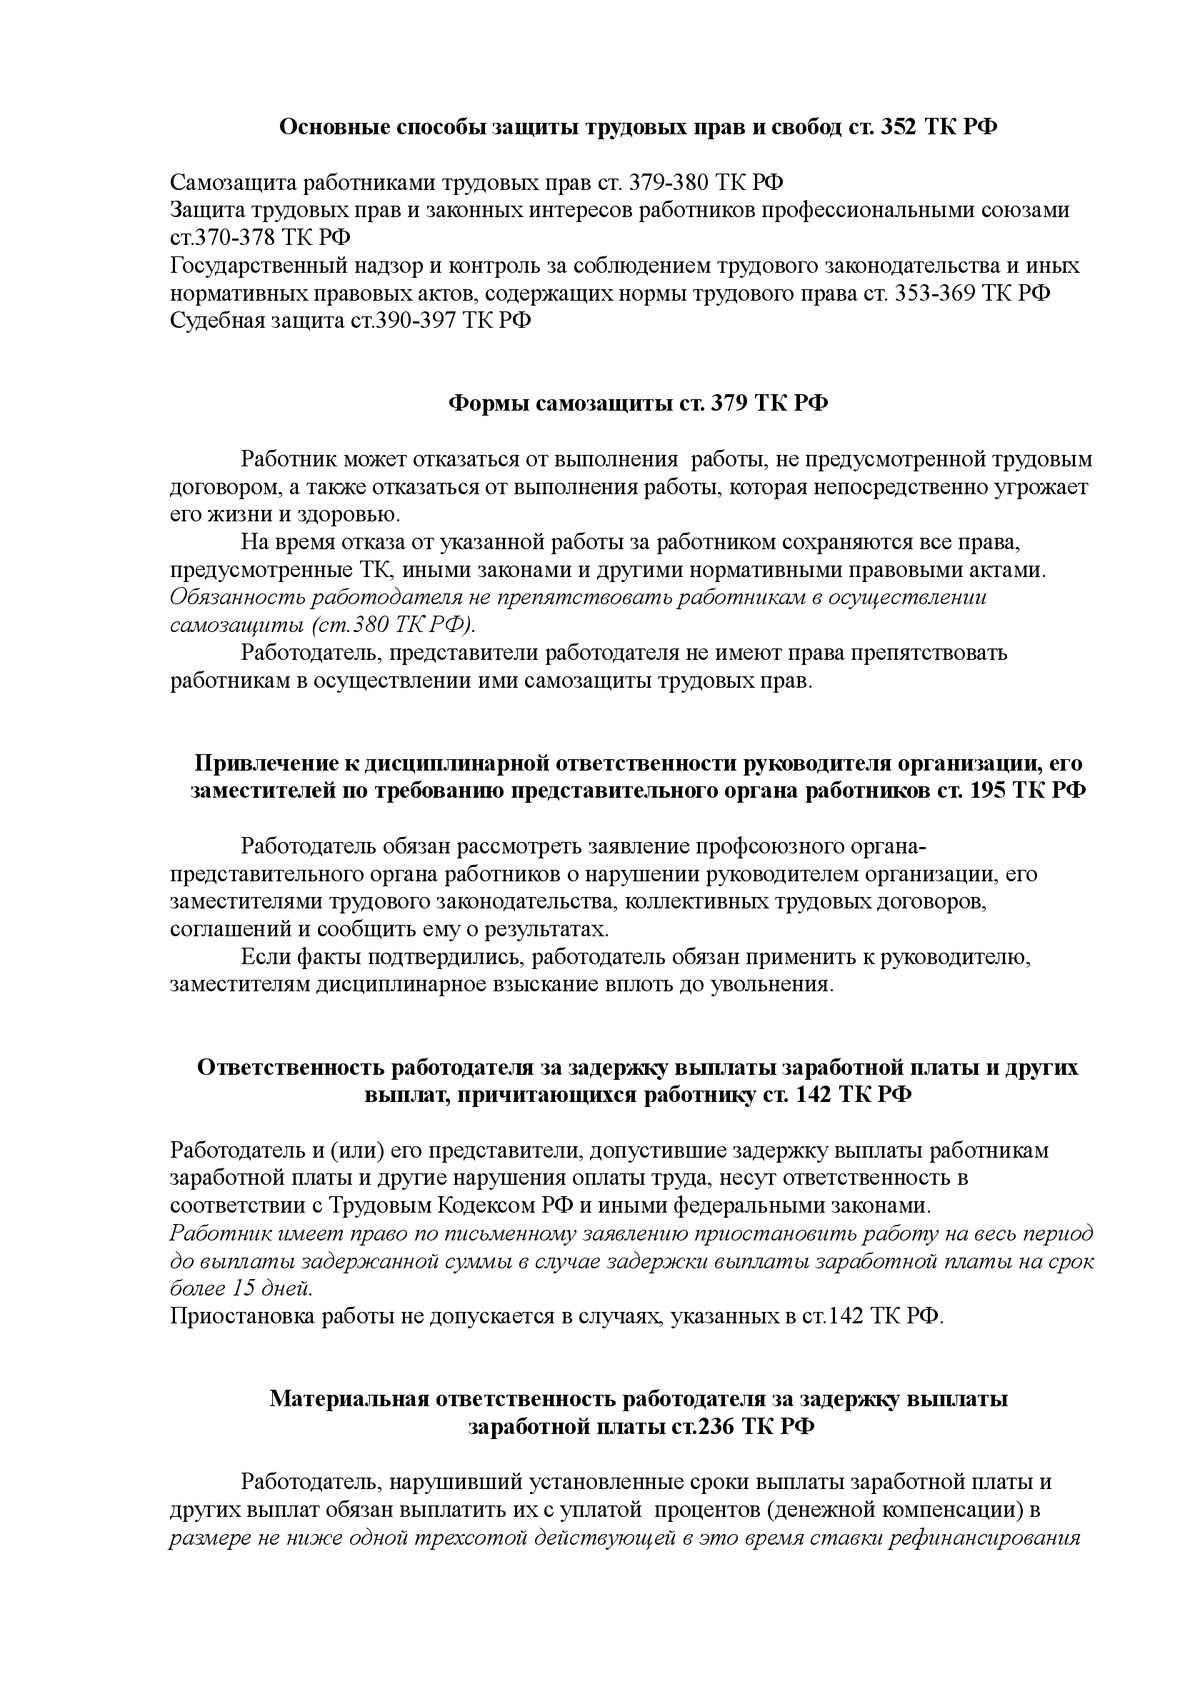 Трудовой кодекс статья 379